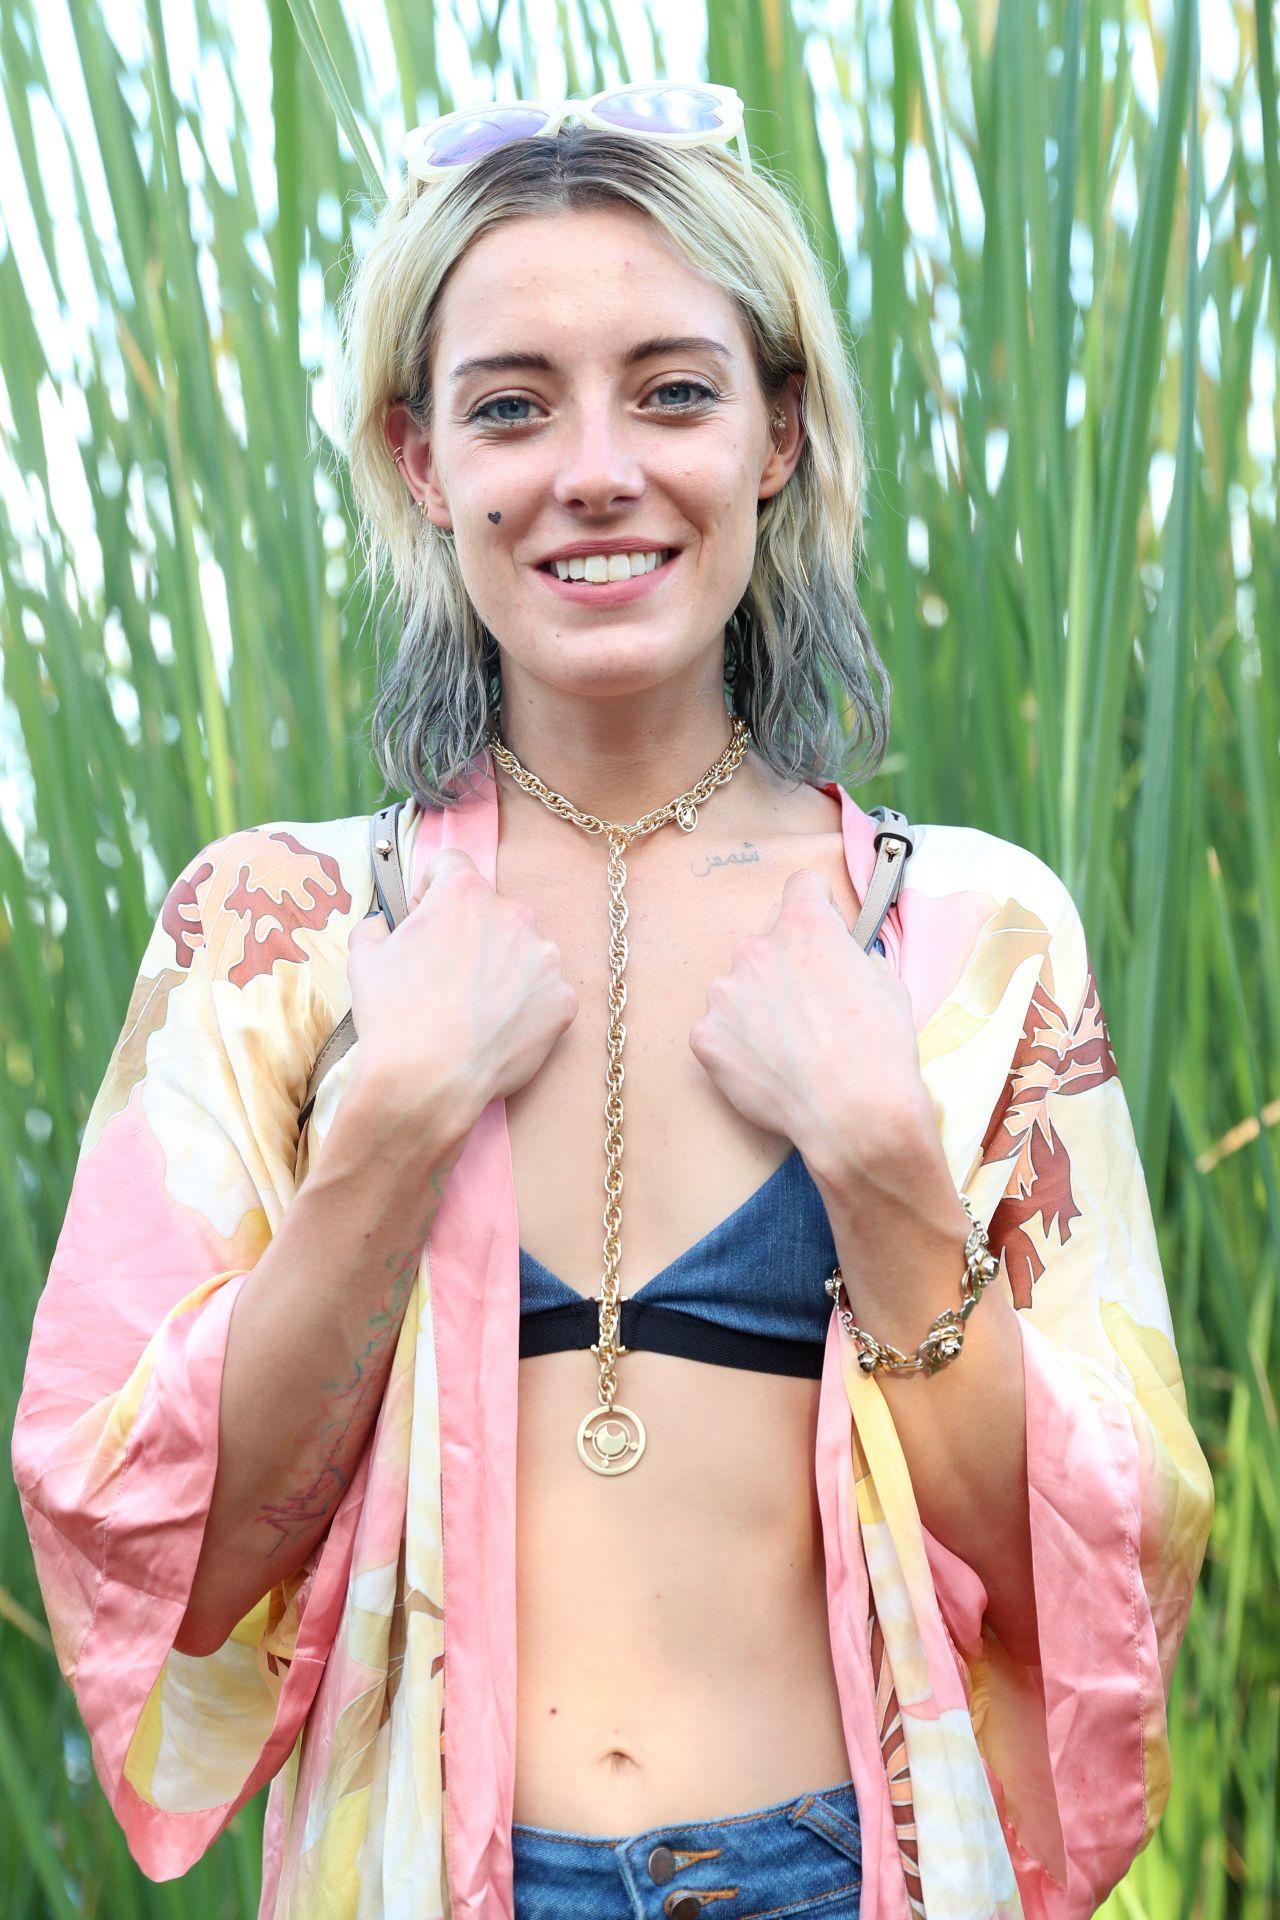 May Kitson,Jade Cole Hot photos Jenny Gago,Keri Lynn Pratt